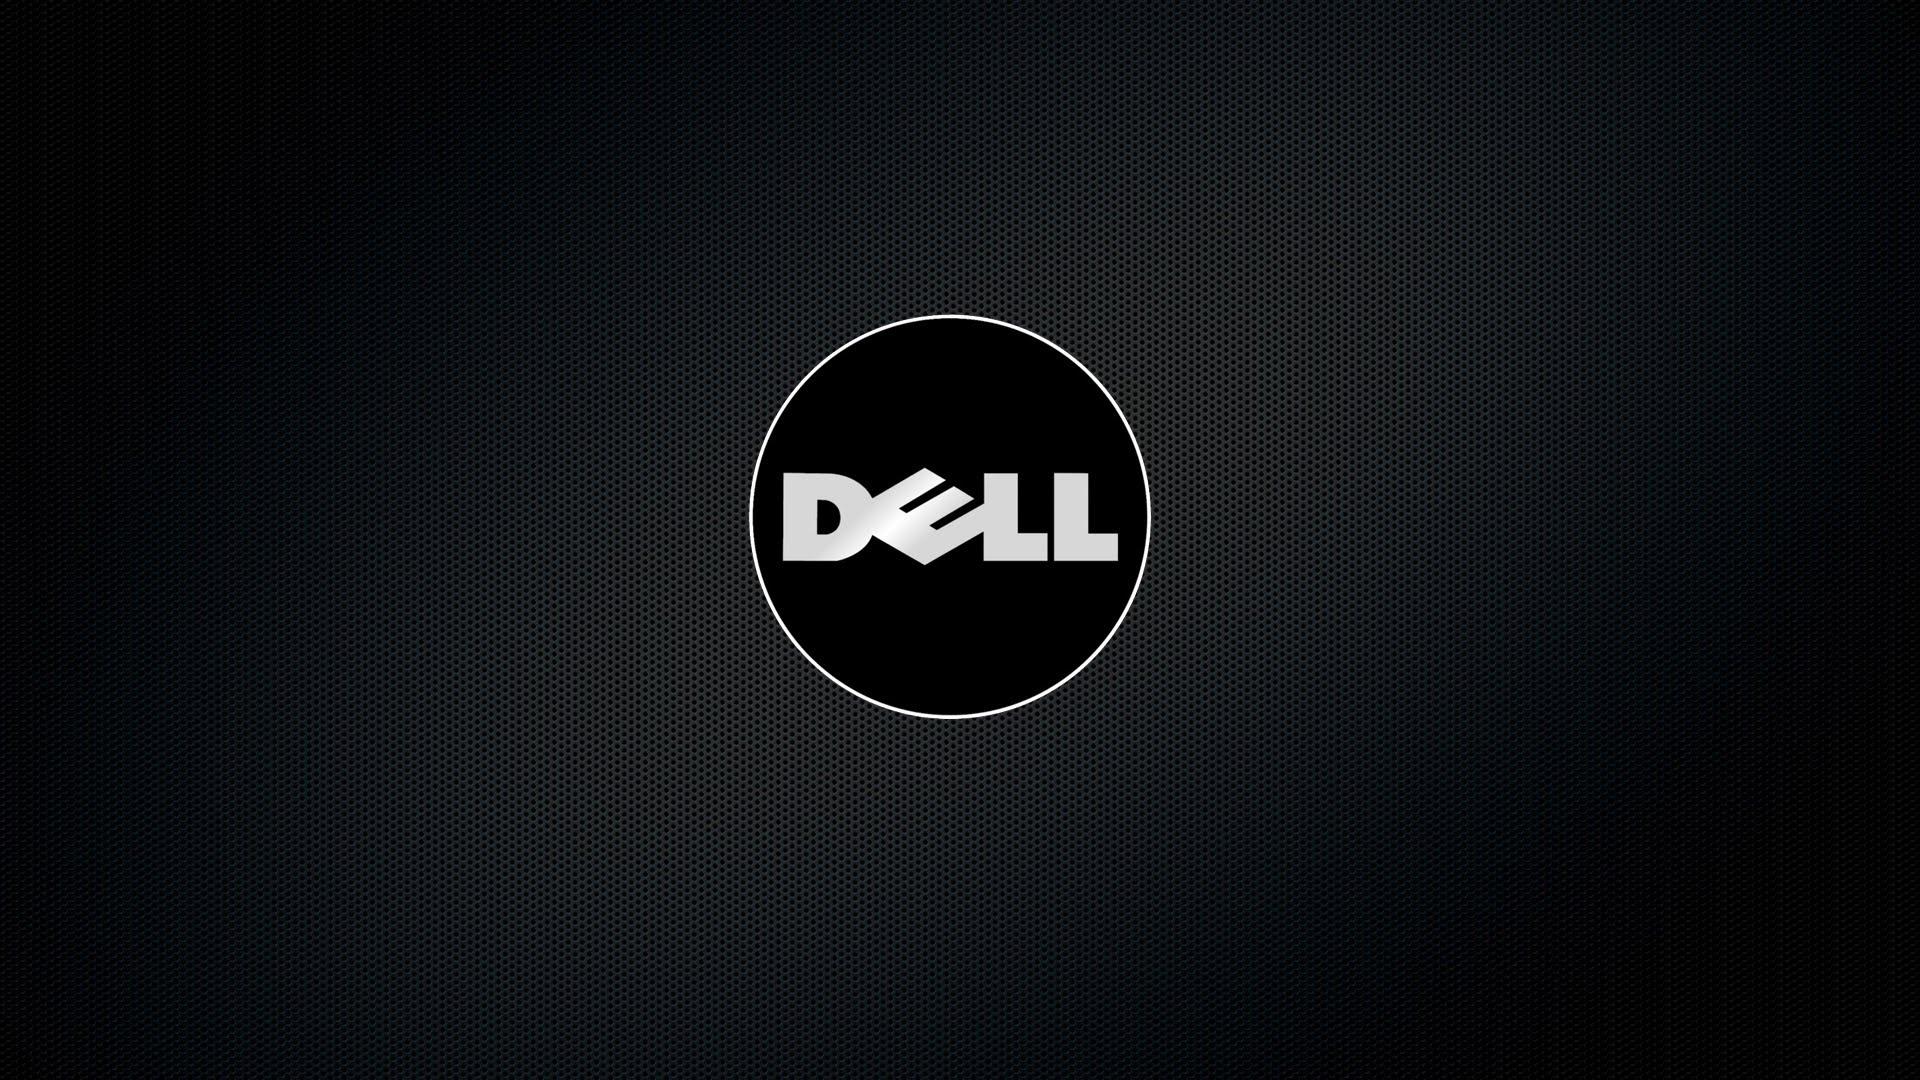 Dell 写真と壁紙 写真と壁紙